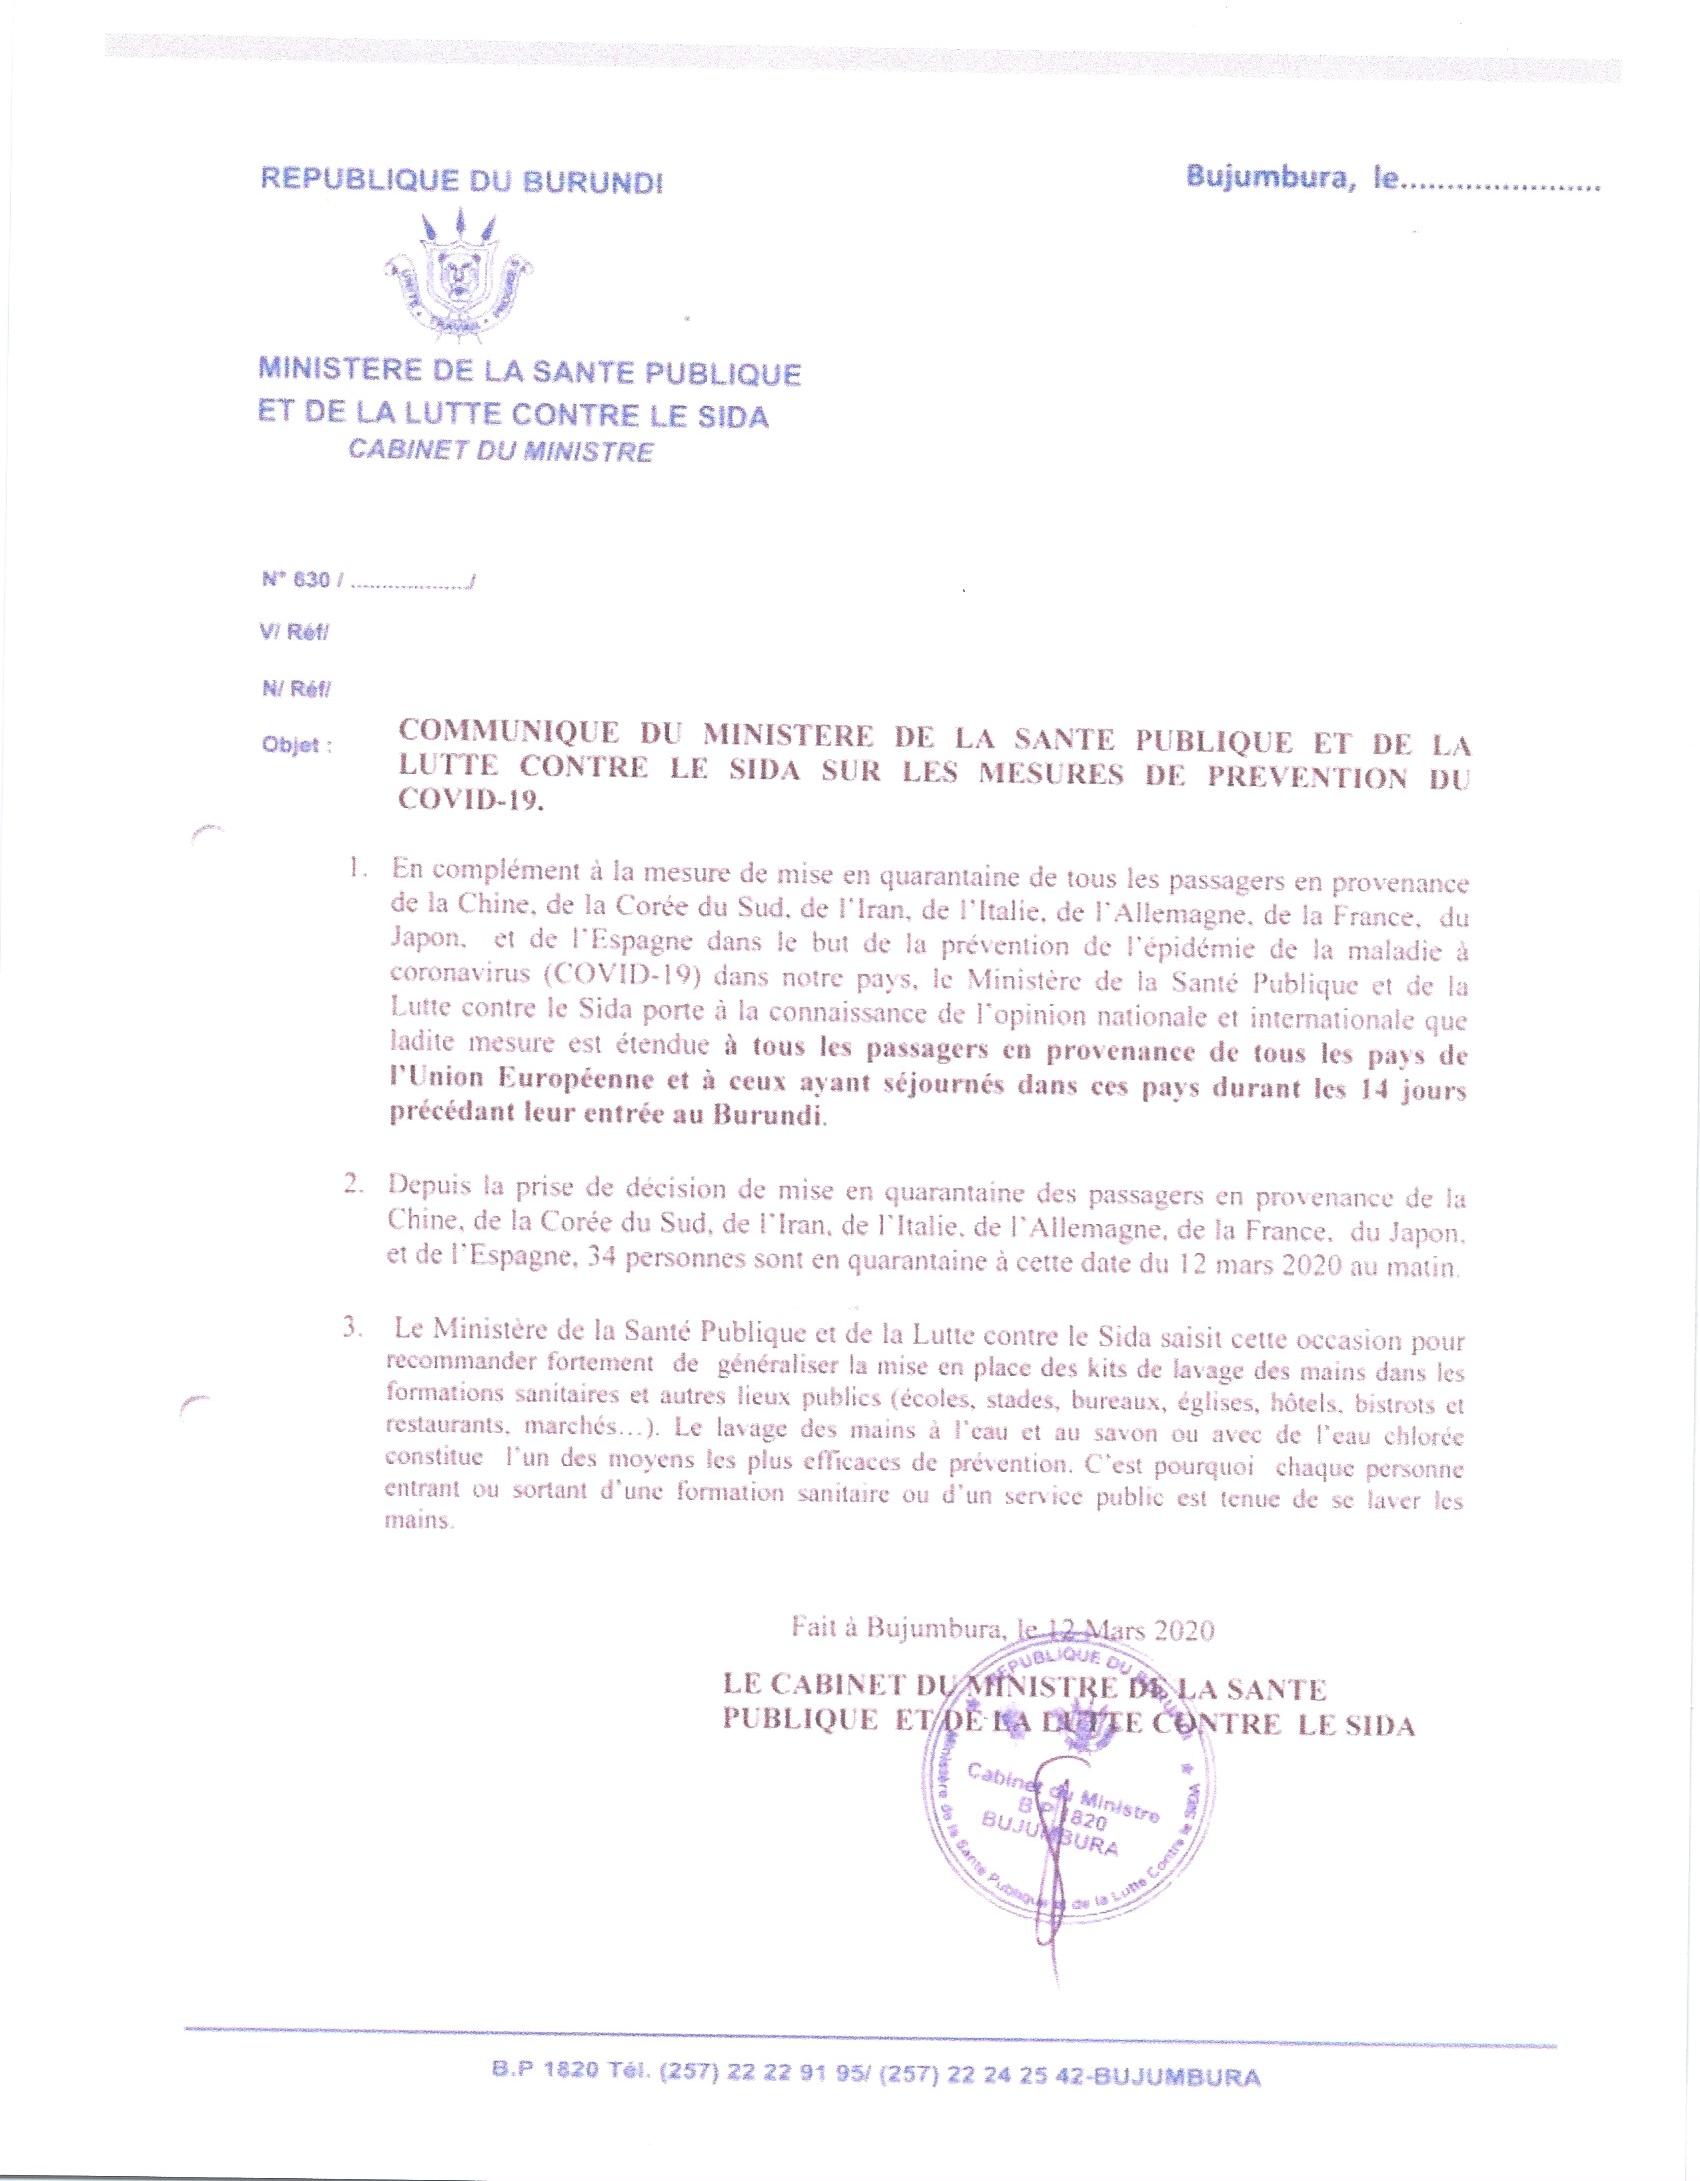 Communique du Ministre de la Santé Publique et de la Lutte Contre le SIDA sur les Mesures de Prevention du COVID-19